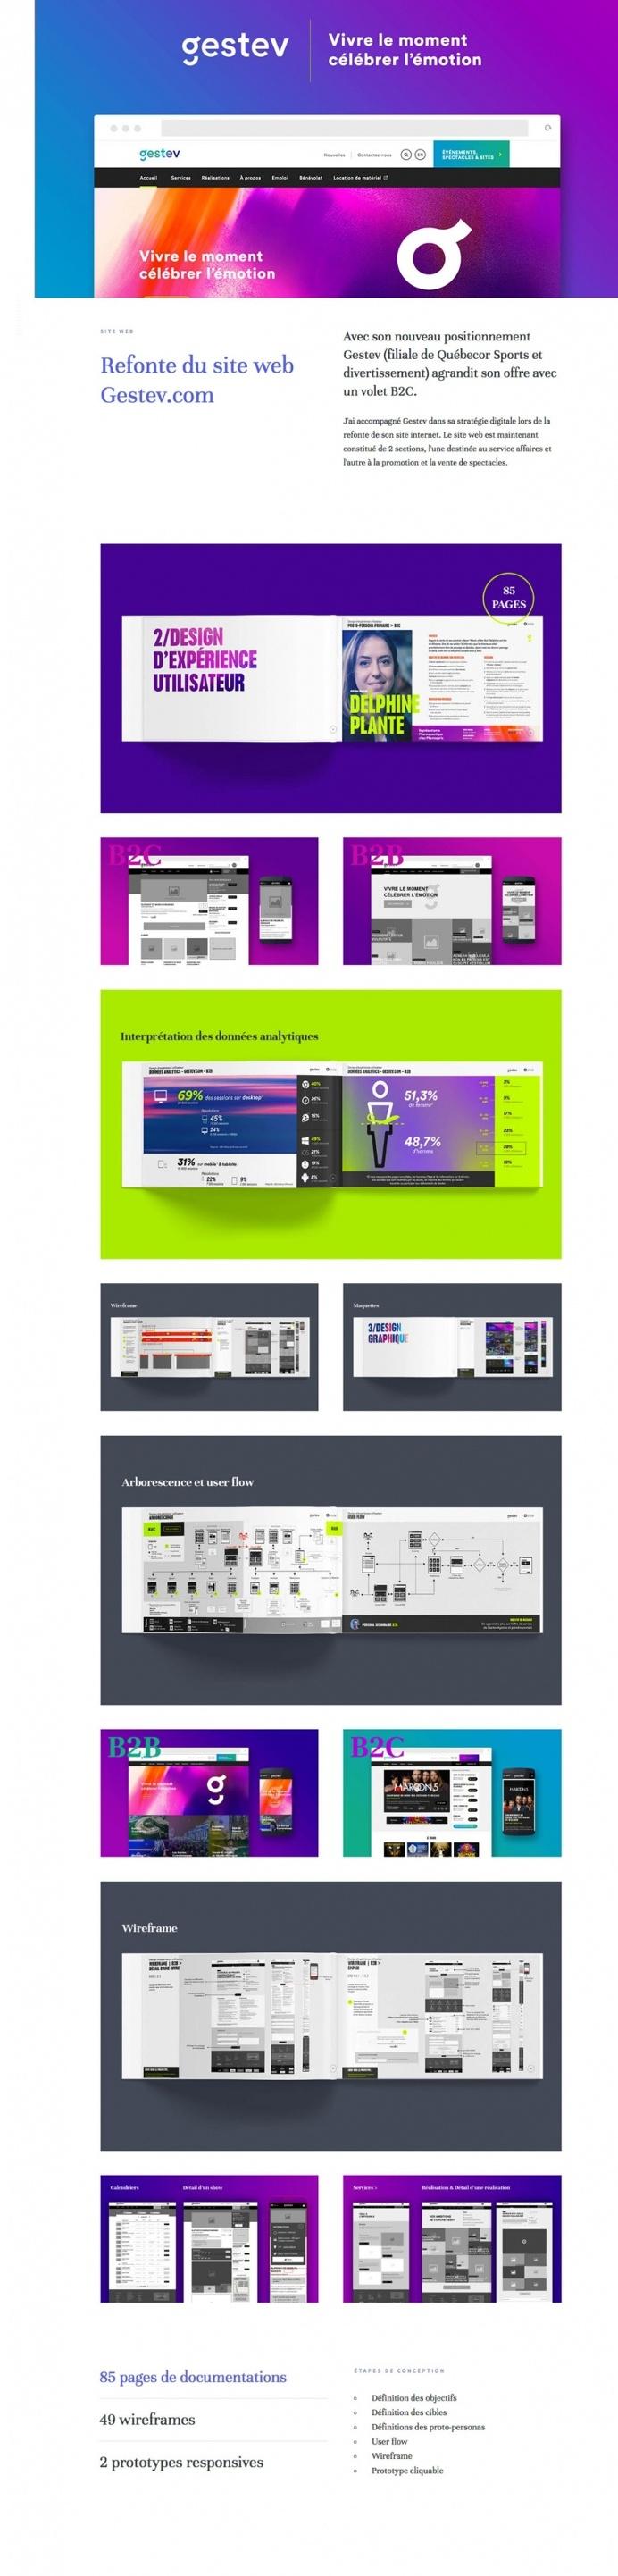 quatreplusquatre - Mindsparkle Mag - quatreplusquatre is the website of Quebec/Canada based UX/UI designer Emilien Edmond that is selected b